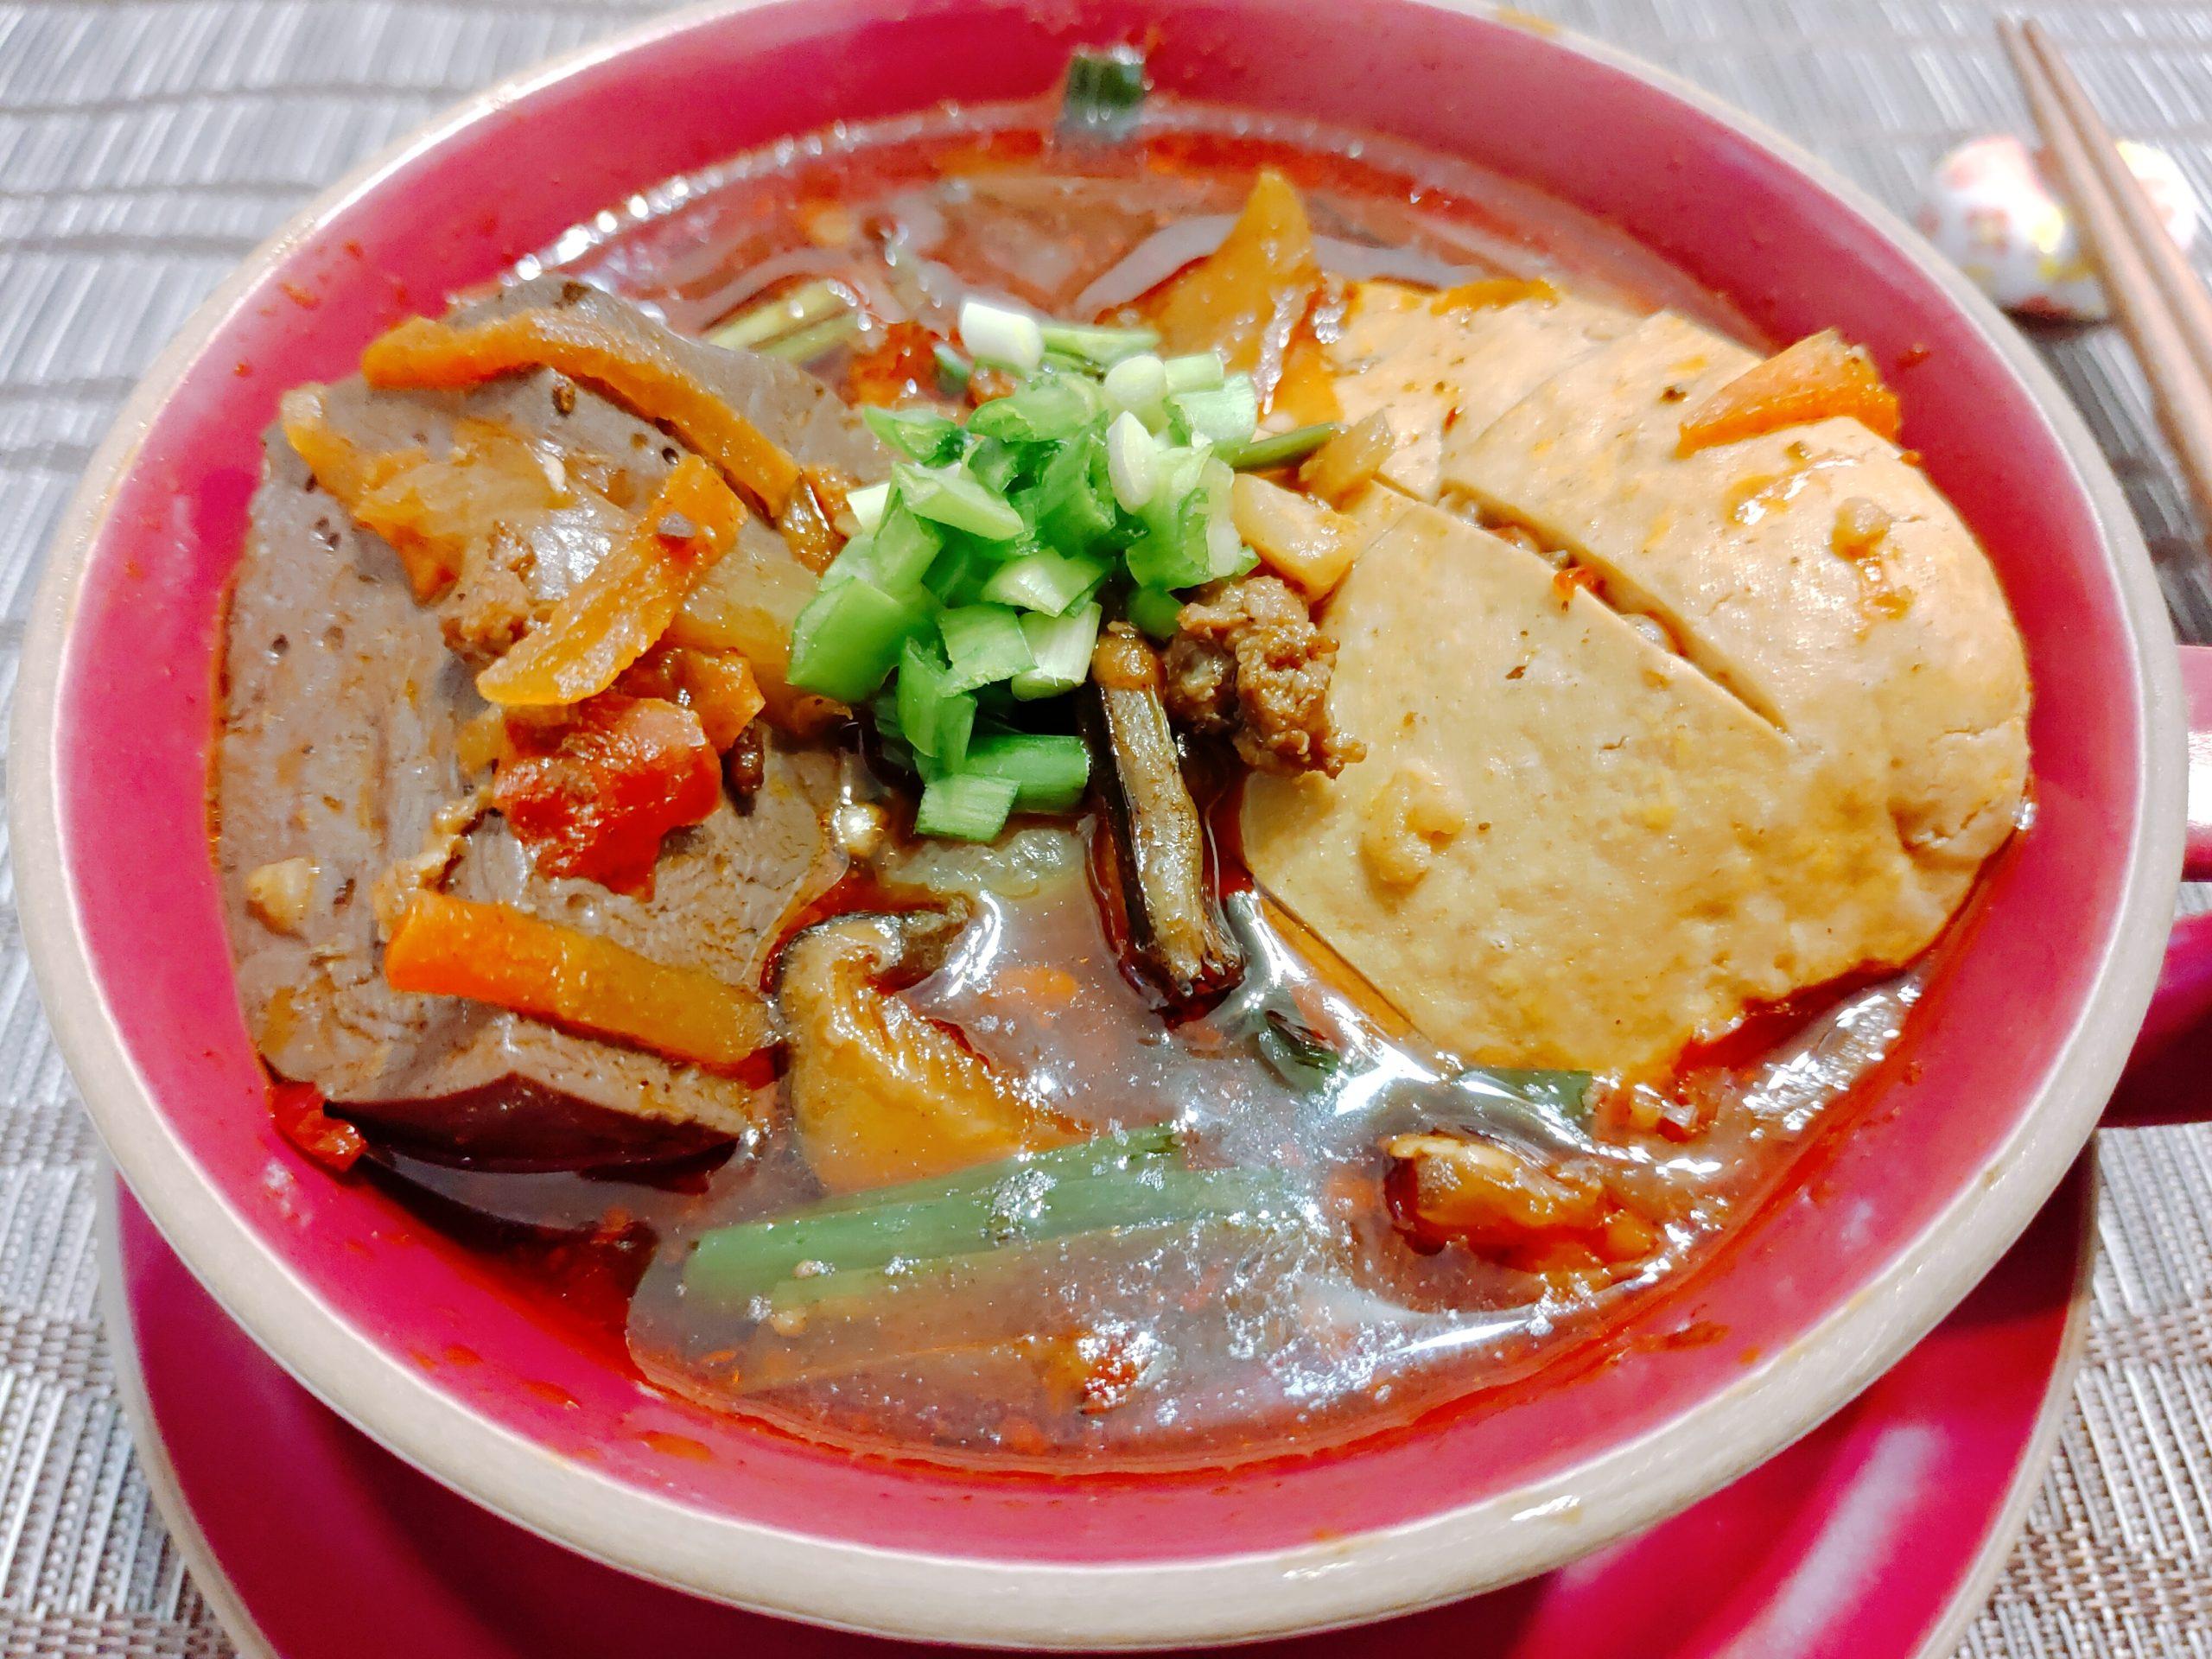 【食譜】麻辣雞血臭豆腐 簡簡單單做,吃起來就超軟嫩